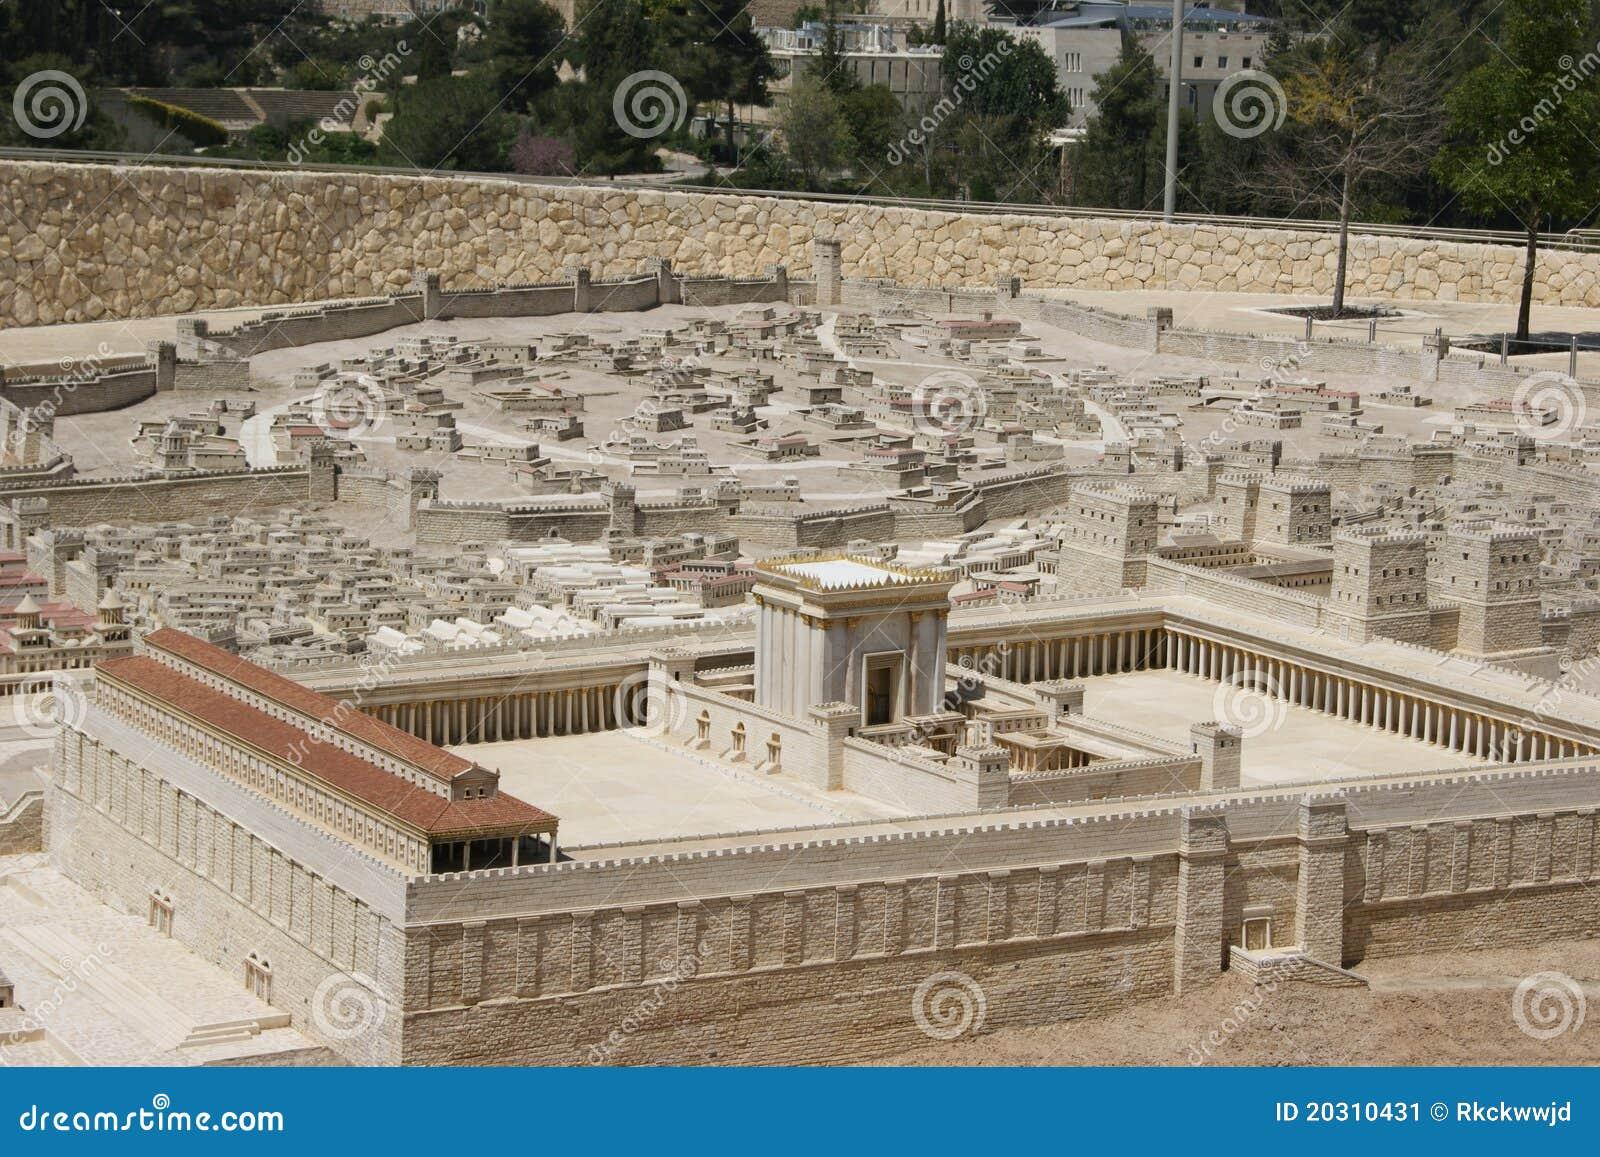 Jerusalem, Second Temple